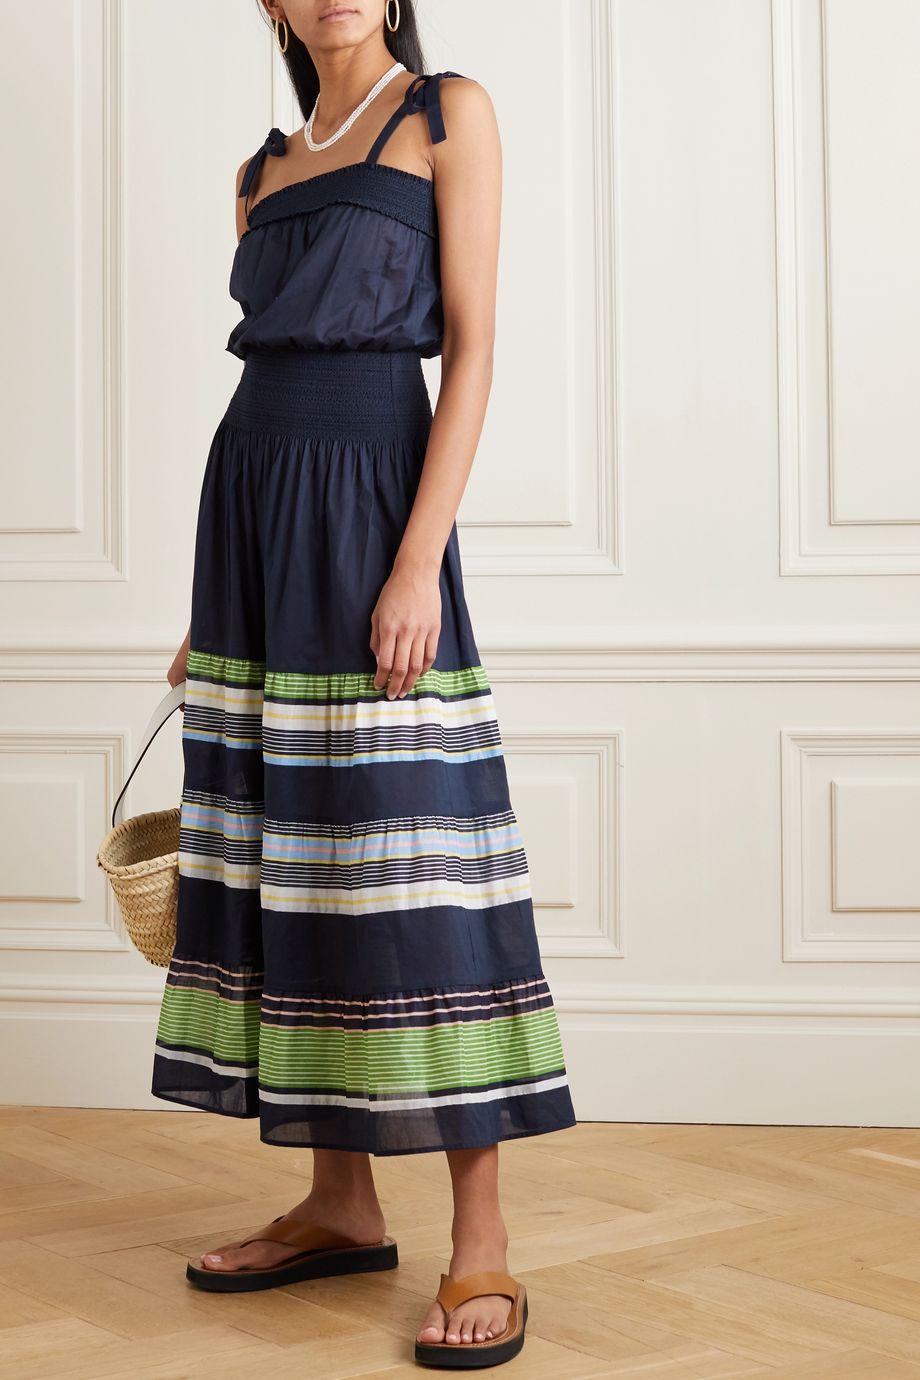 Tory Burch Kleid aus Baumwoll-Voile mit Streifen und Raffungen zum Binden